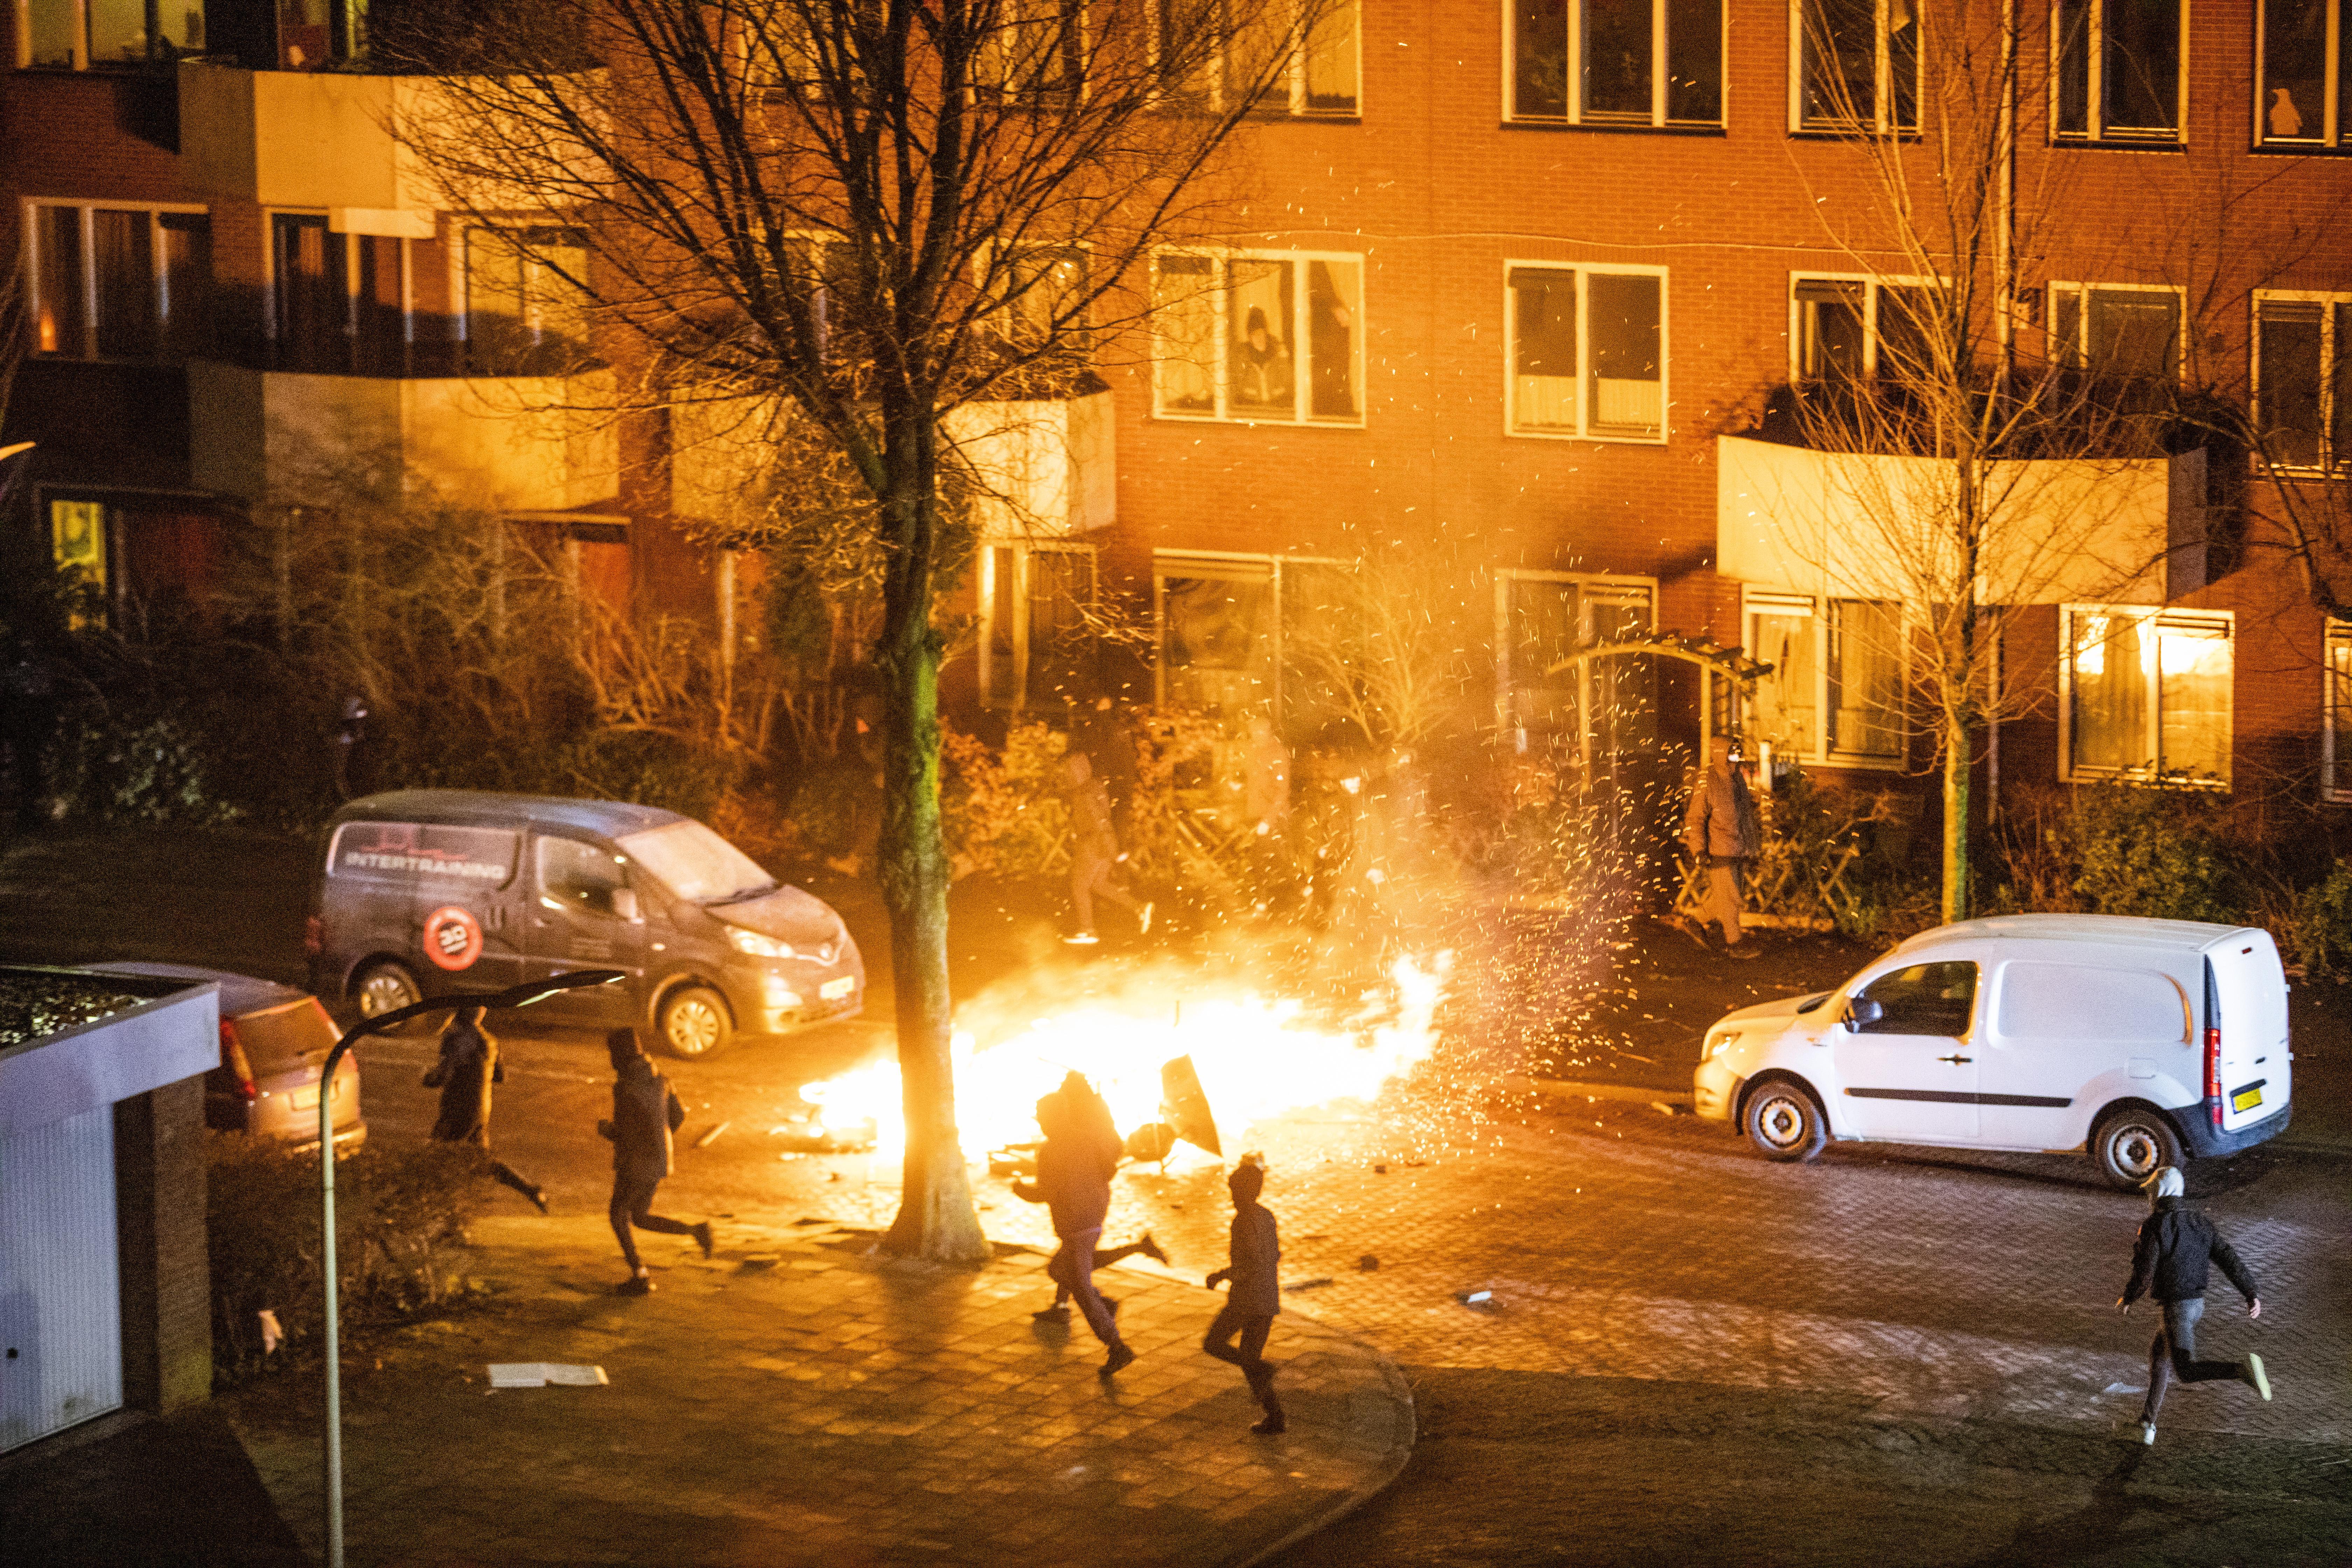 Haarlemmer riep op Telegram op tot rellen in Schalkwijk: 'Gelukkig is er niets gebeurd door mijn groep'